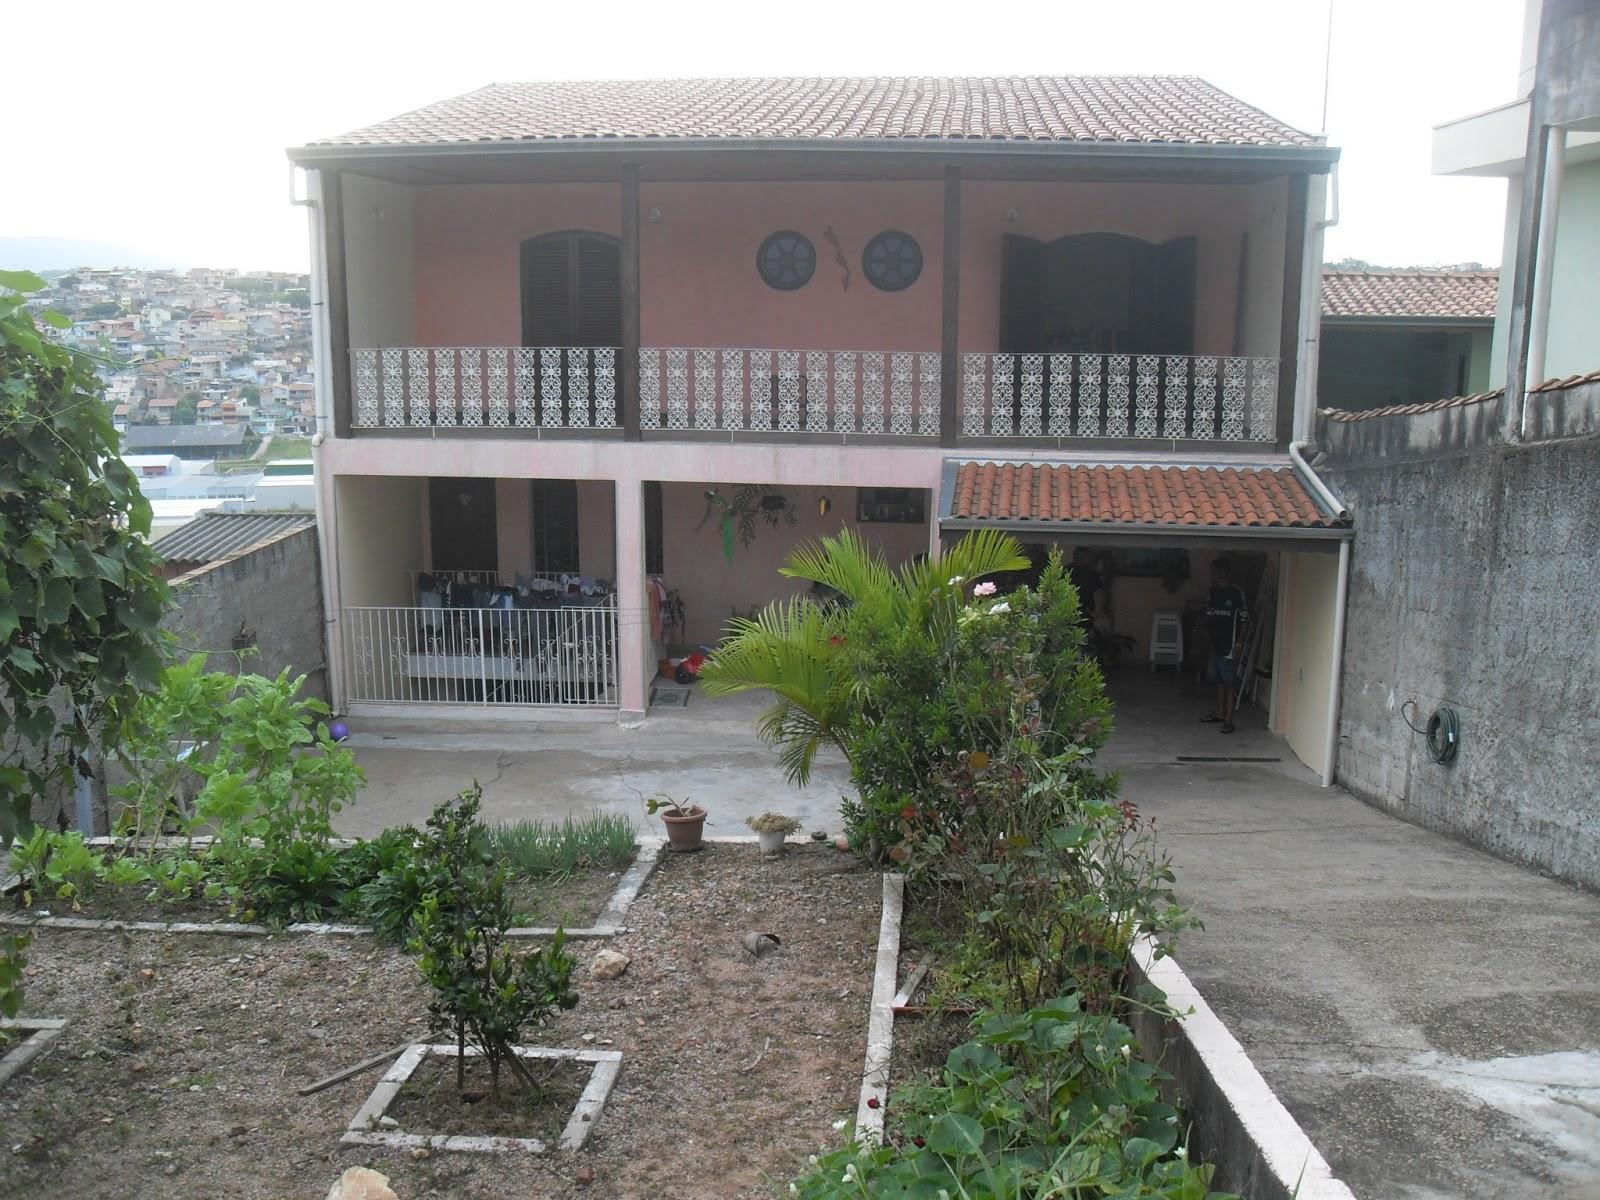 CASA FÁCIL WEB Aqui você compra e vende seu Imóvel!: Ótima Casa a  #4B613C 1600 1200